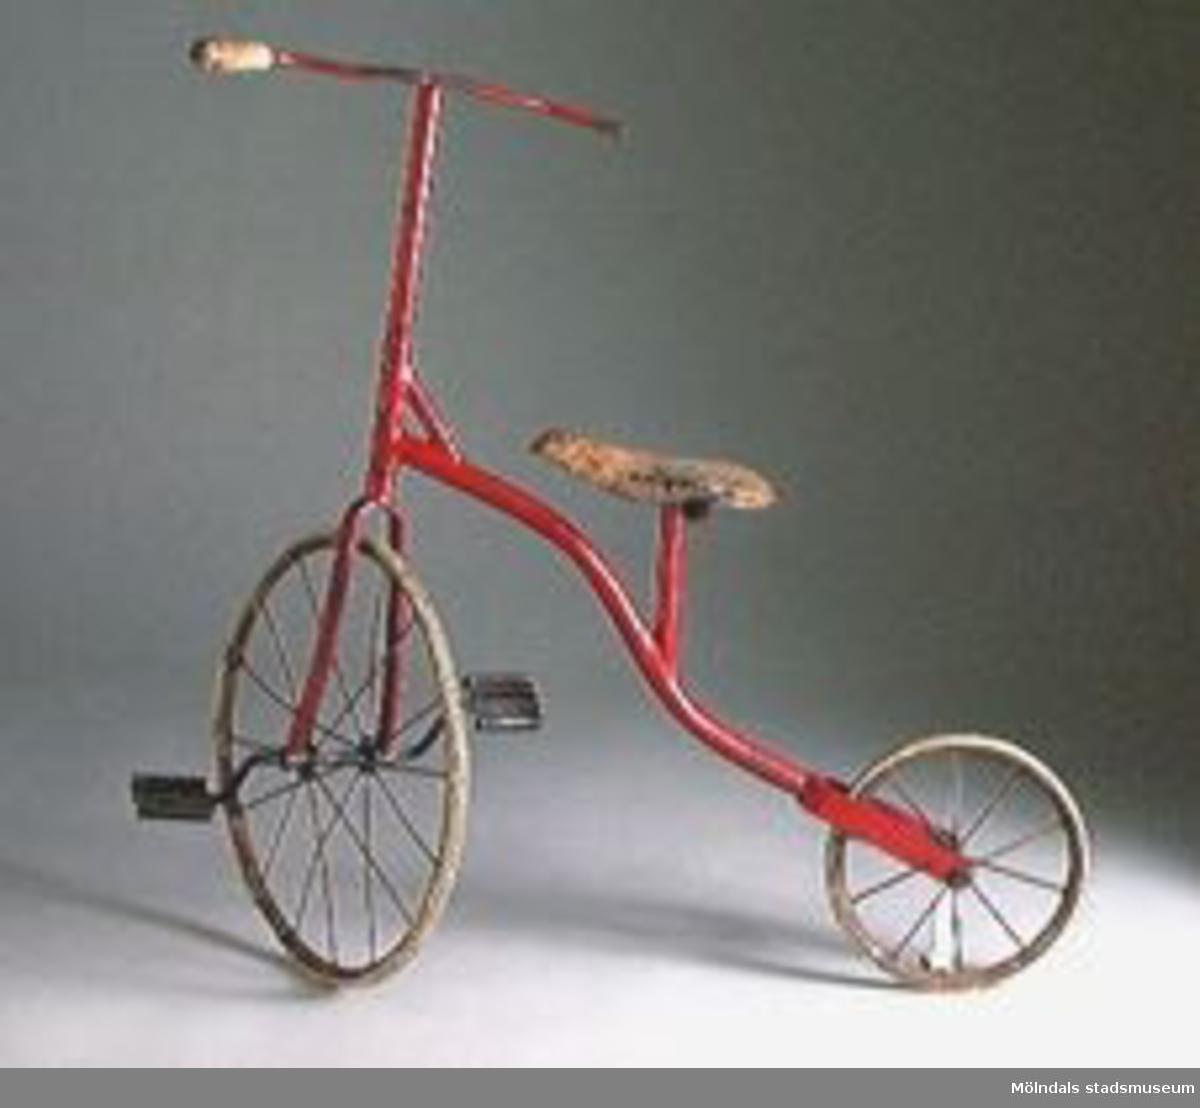 Gammal barncykel av järn med däck av massivt gummi. Handtag av trä. Trampor på framhjulet. Rödmålad. Färgen repad, gummit på hjulen håller på att falla av. Ena handtaget saknas.Tidigare sakord: barncykel.Upphittad på Kikåstippen 1985 av givaren.